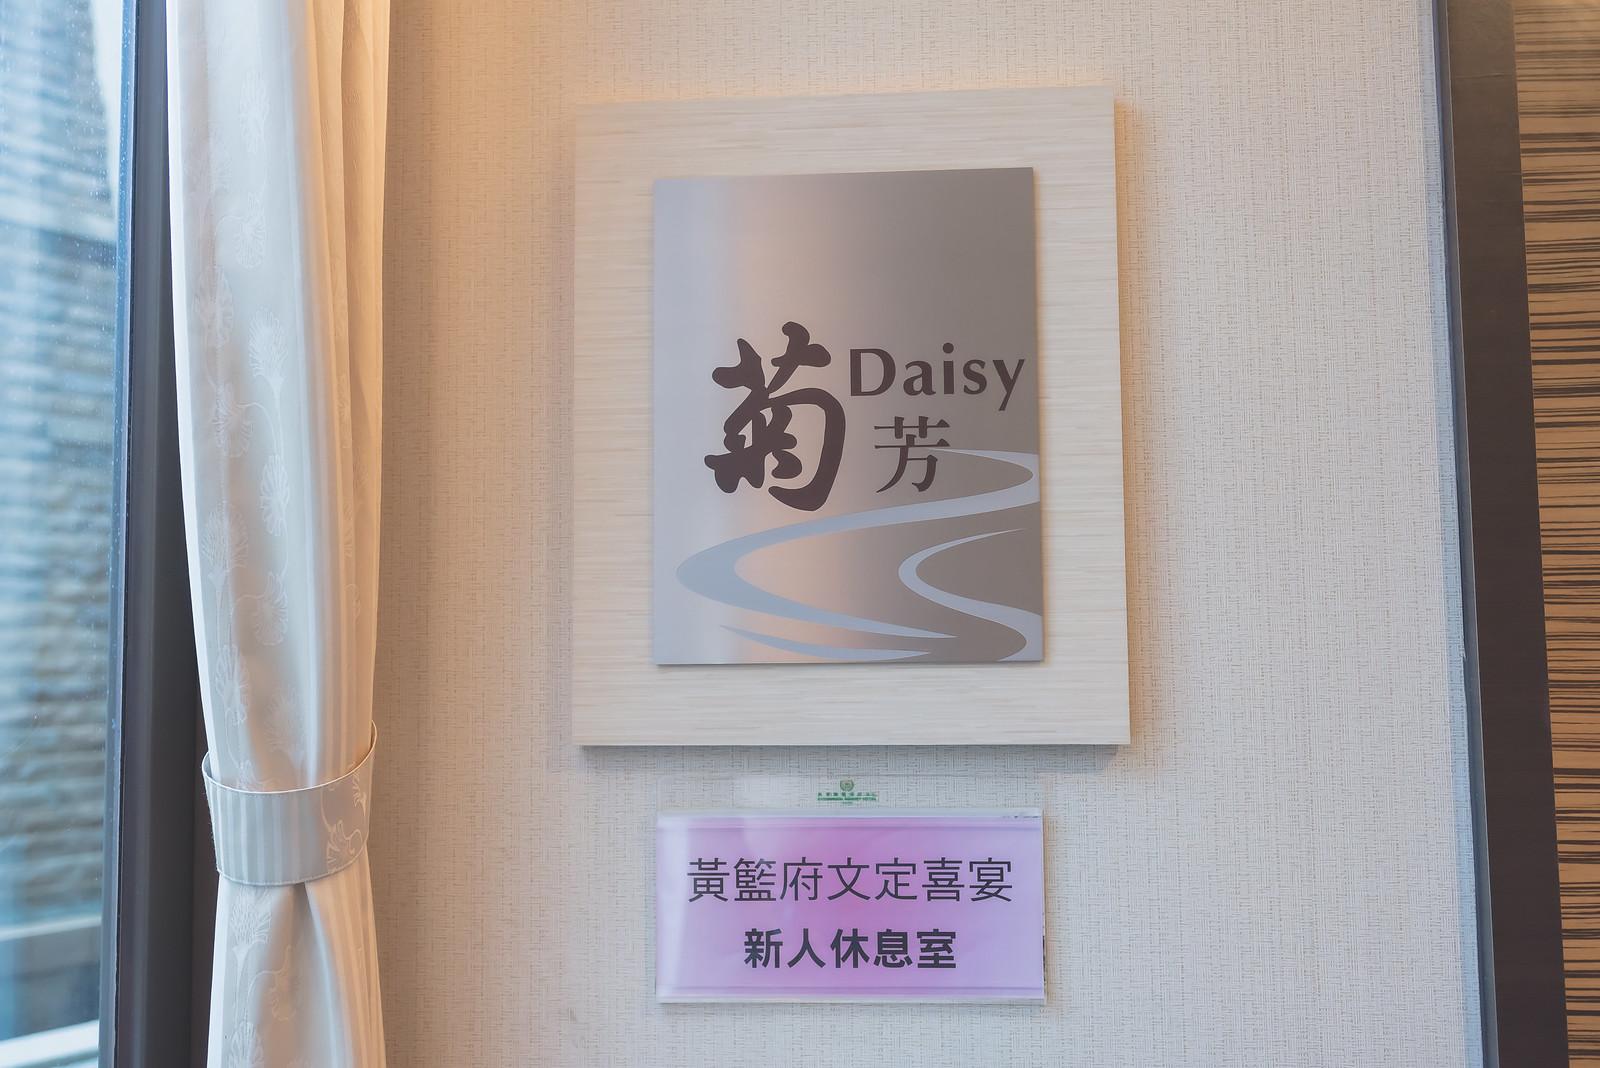 宜蘭長榮鳳凰酒店雲頂廳婚宴精選_002